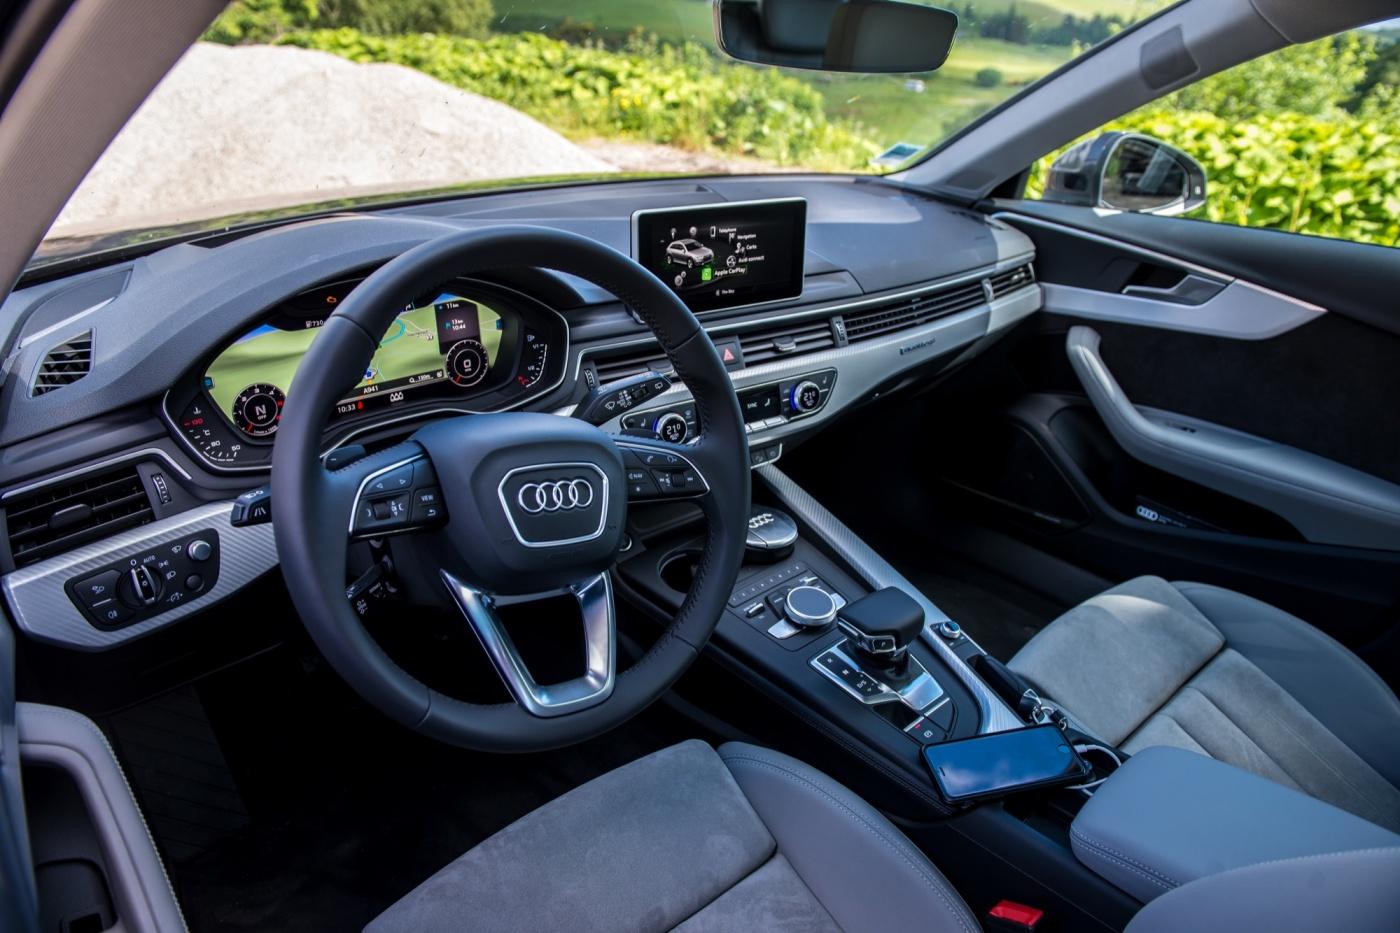 Tableau de bord et intérieur de l'Audi A4 Allroad 2016